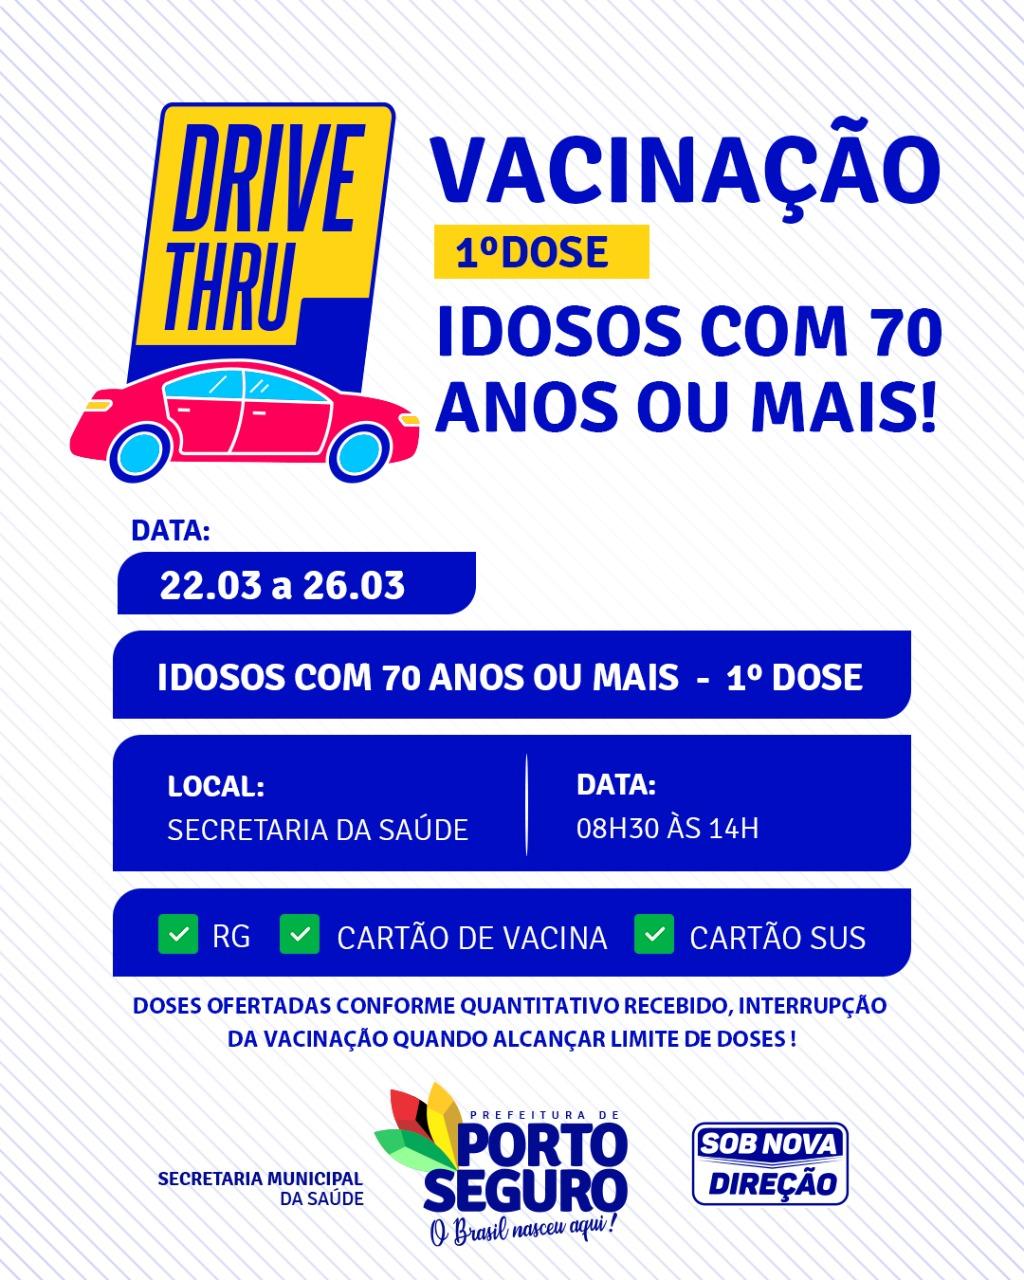 Drive thru vacinação contra Covid-19 idosos a partir de 70 anos na Terra Mãe do Brasil 20